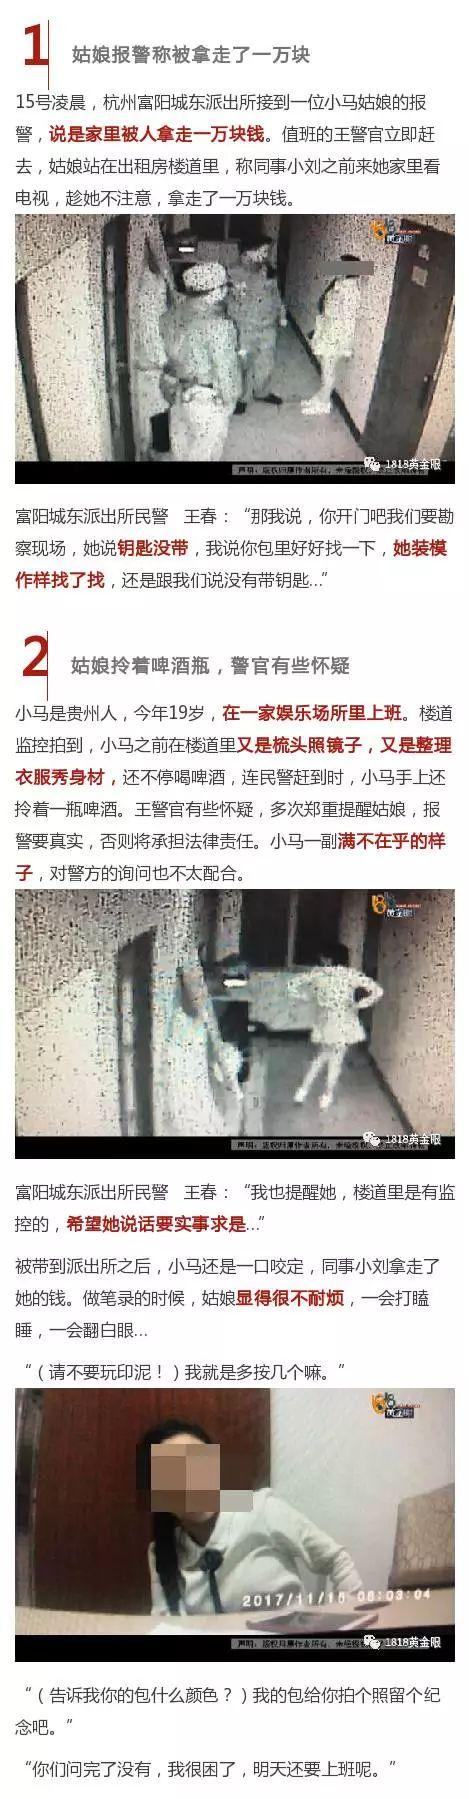 女子为追求小伙凌晨堵在他家后因报假警被拘留